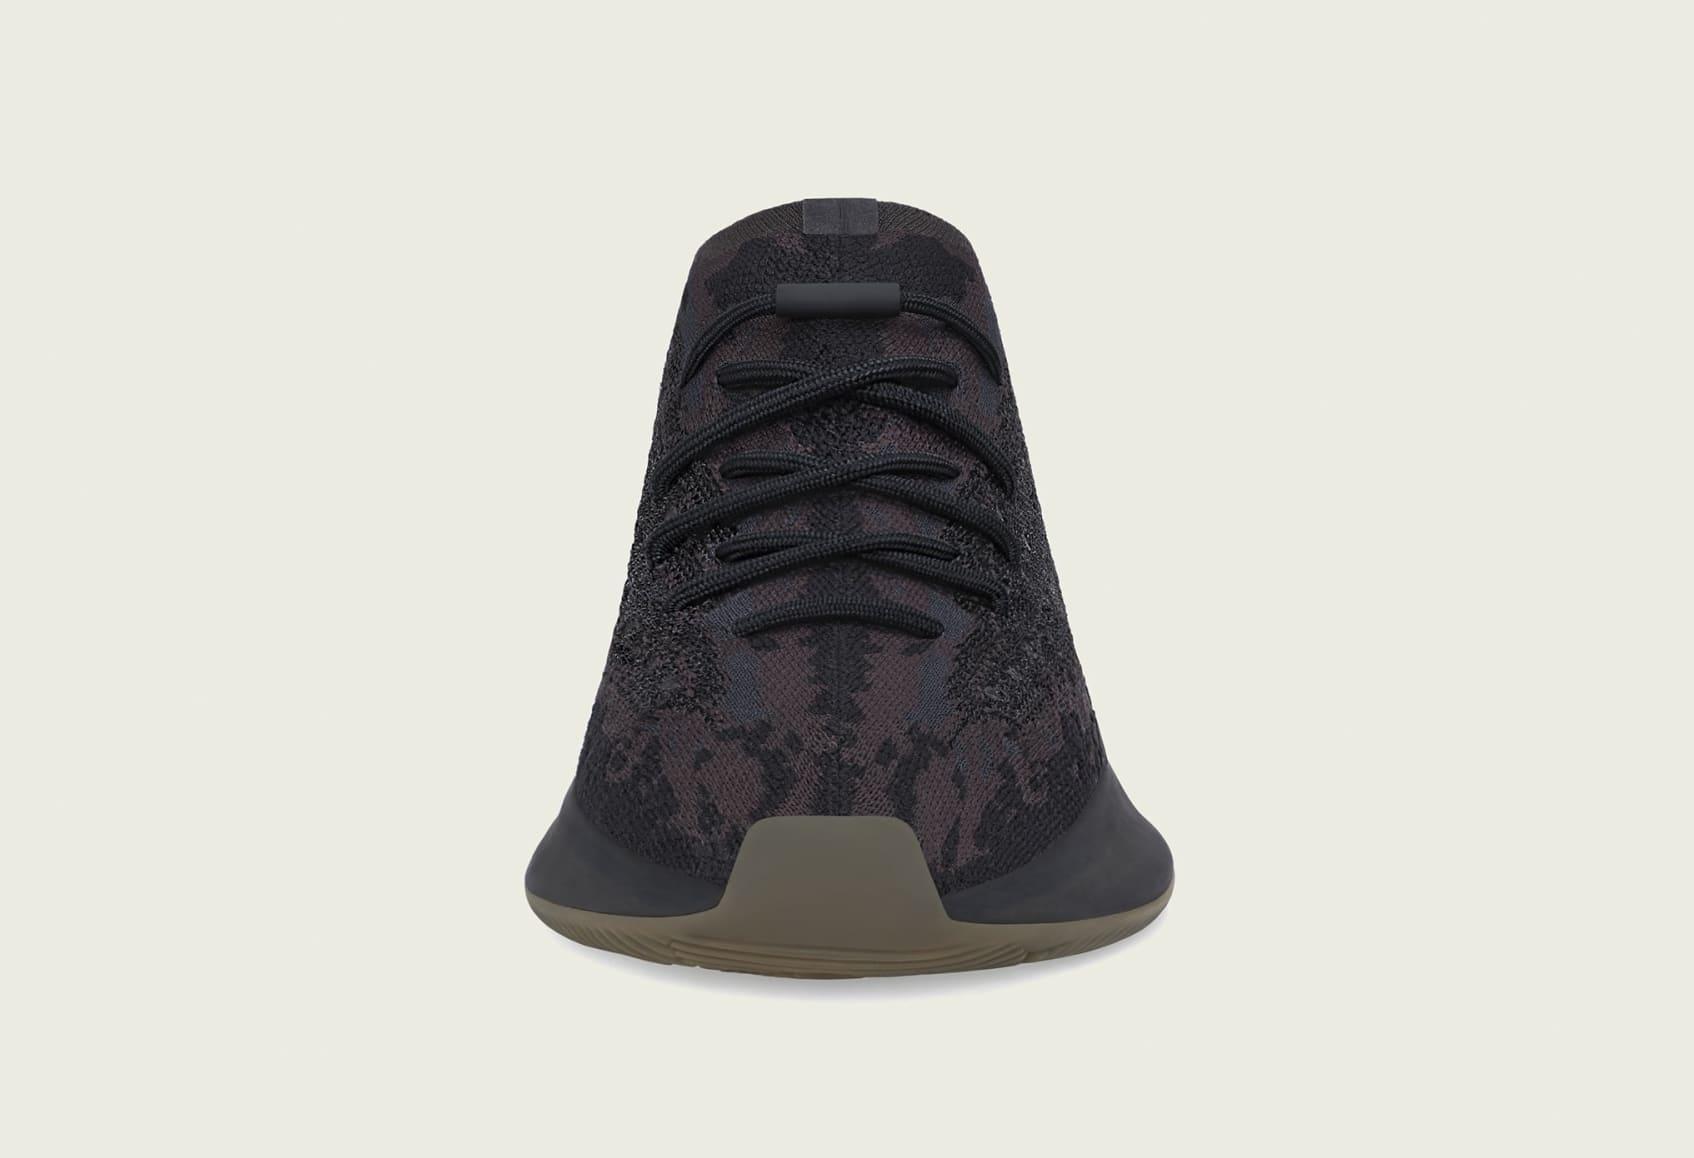 Adidas Yeezy Boost 380 'Onyx' FZ1270 Front